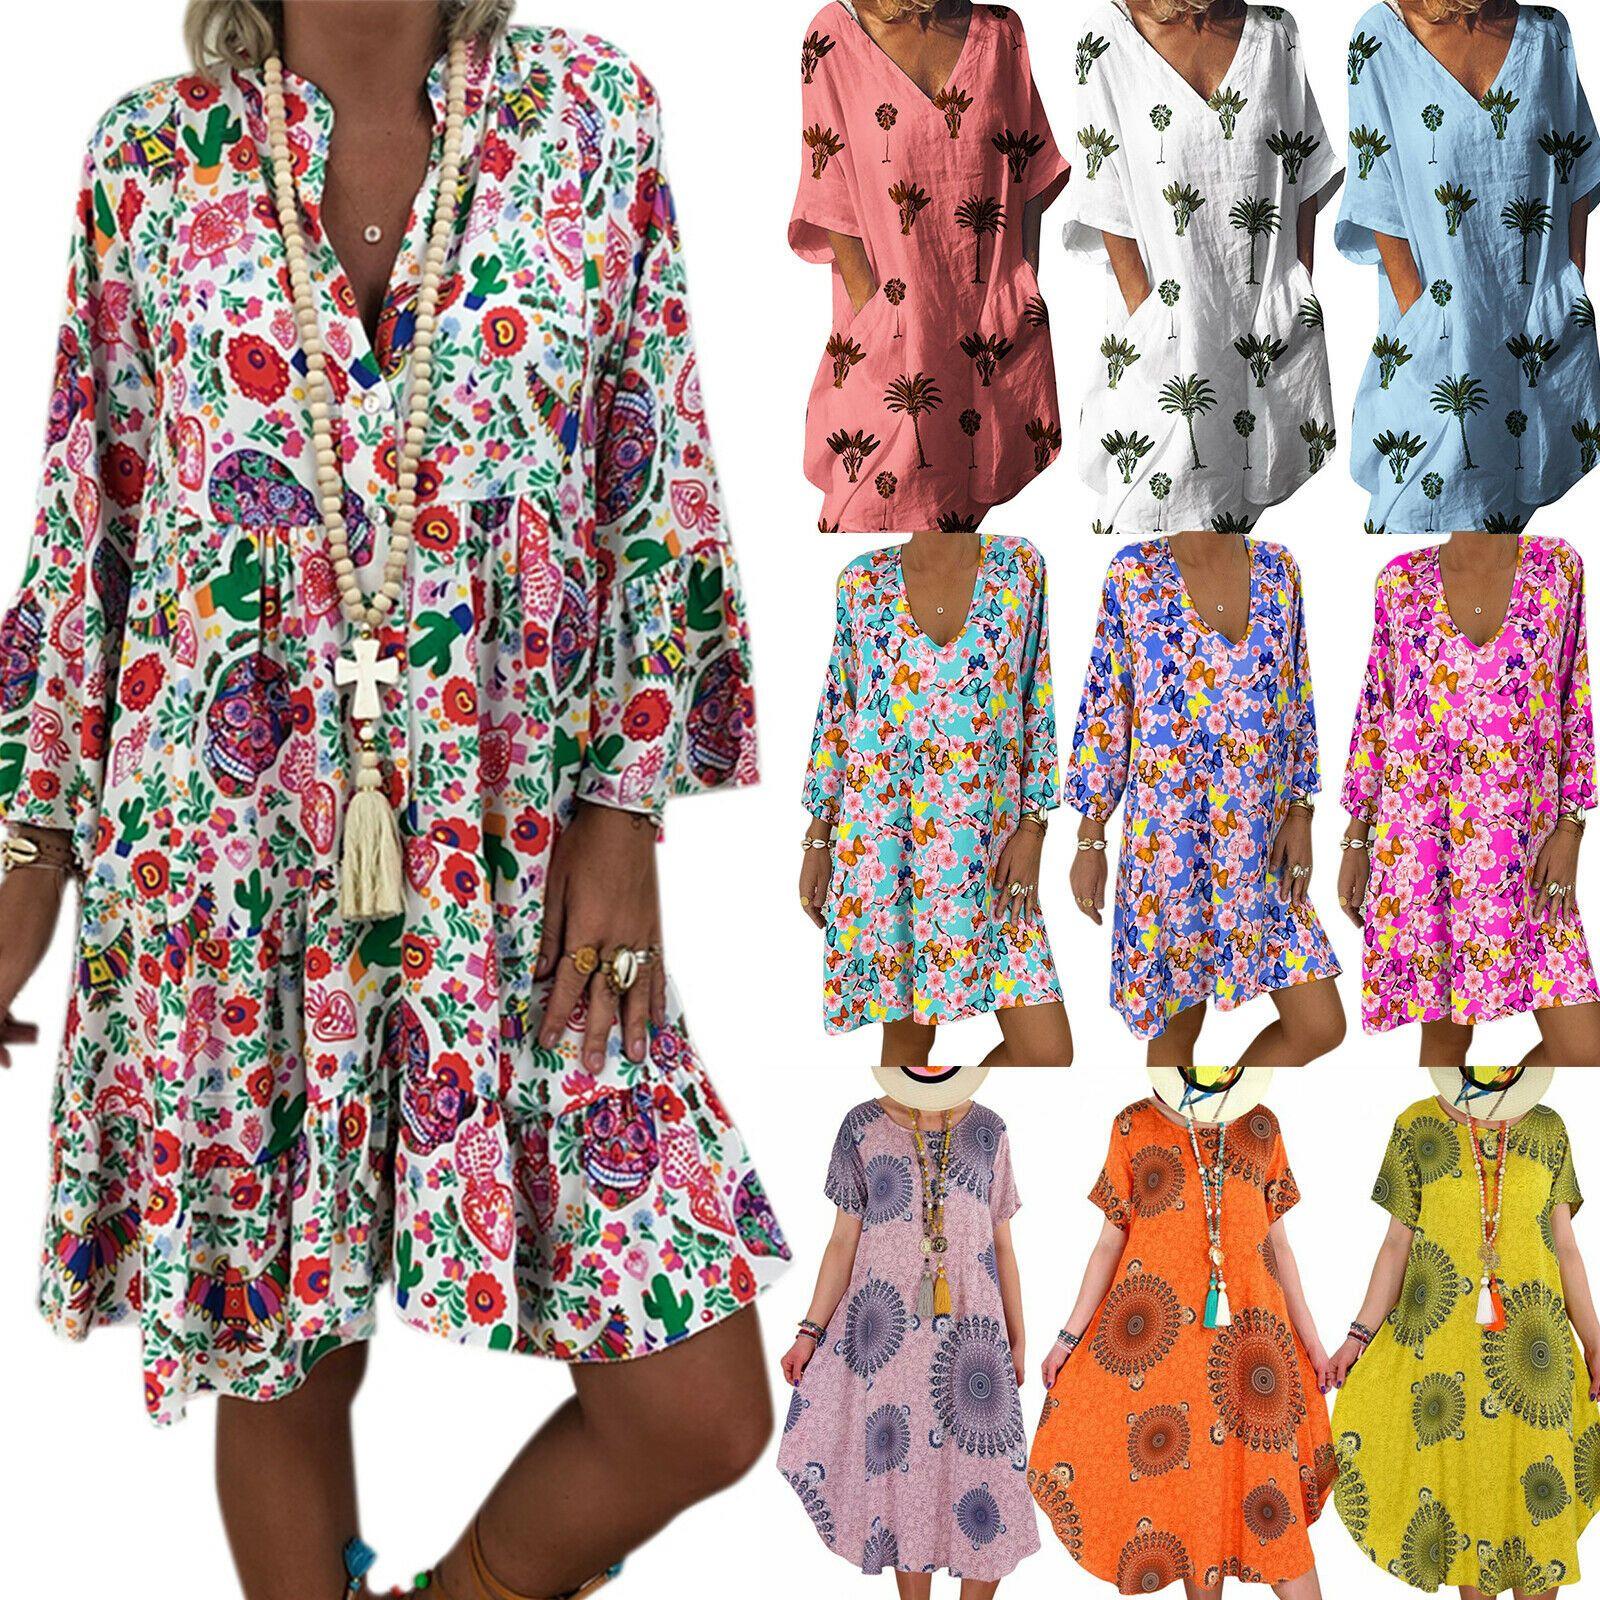 Damen Sommerkleid Blumen Minikleid Tunika Freizeit Partykleid Pullikleid Kleider